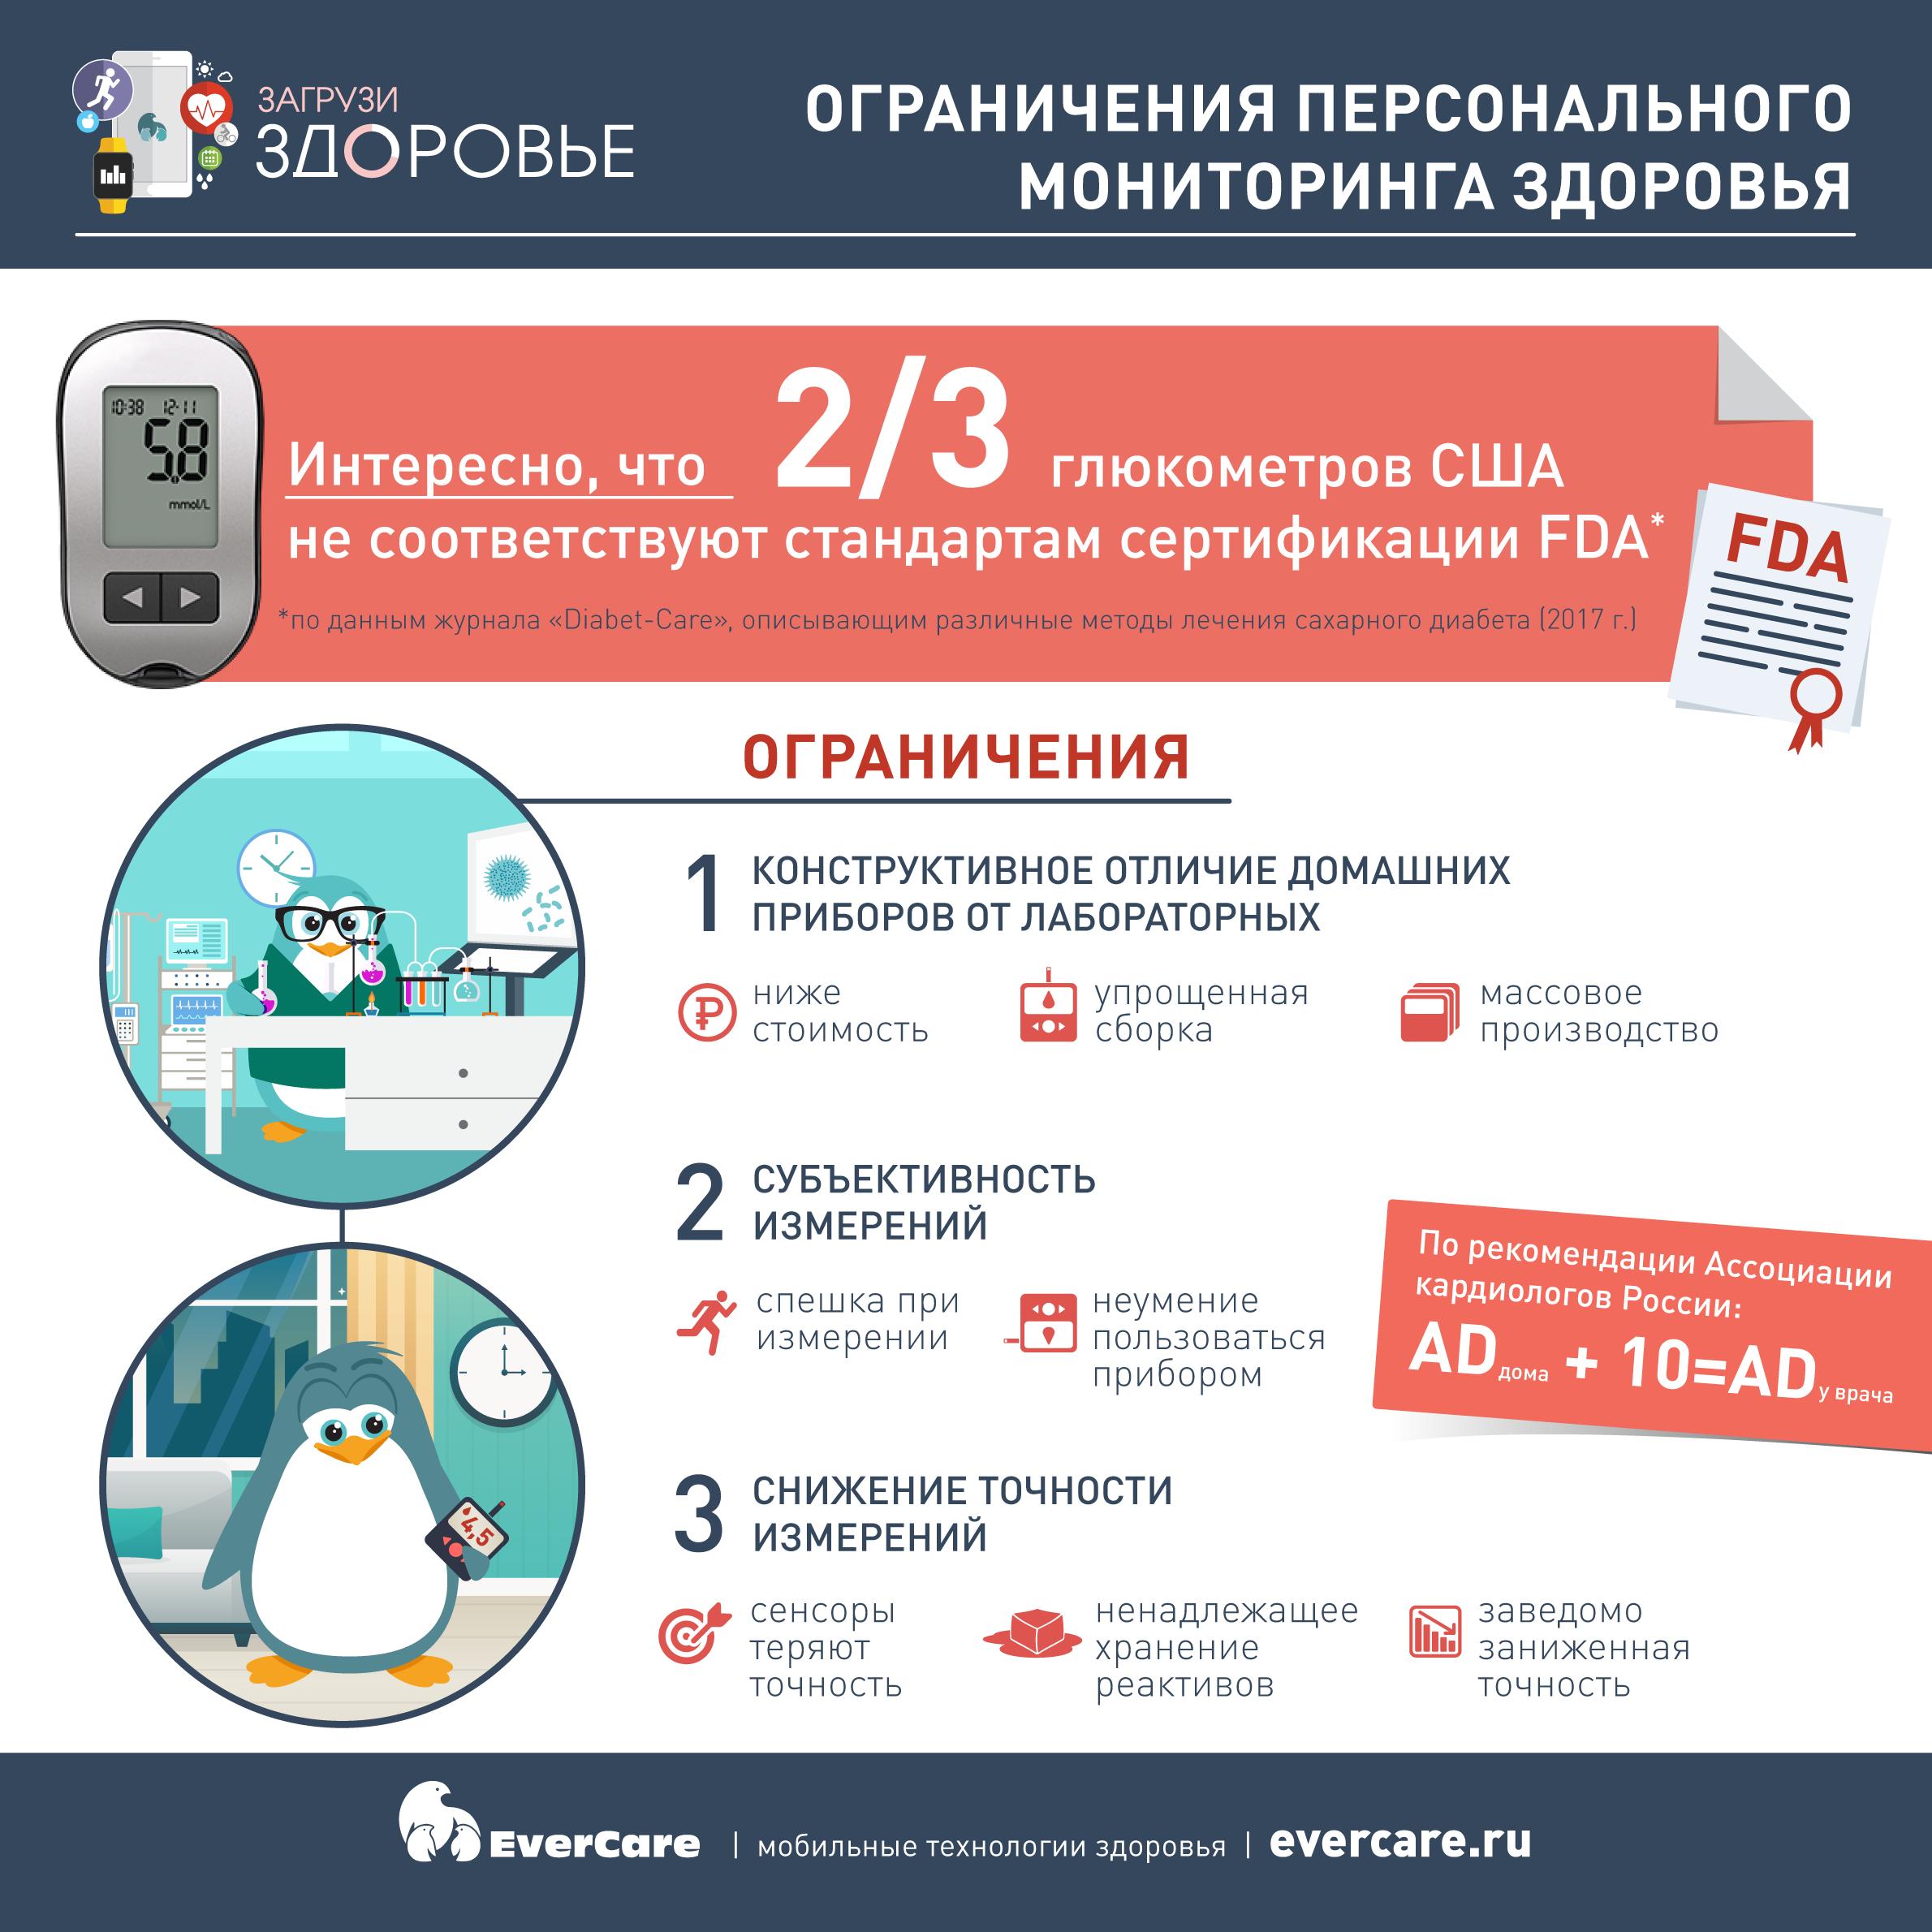 Ограничения персонального мониторинга здоровья, Инфографика